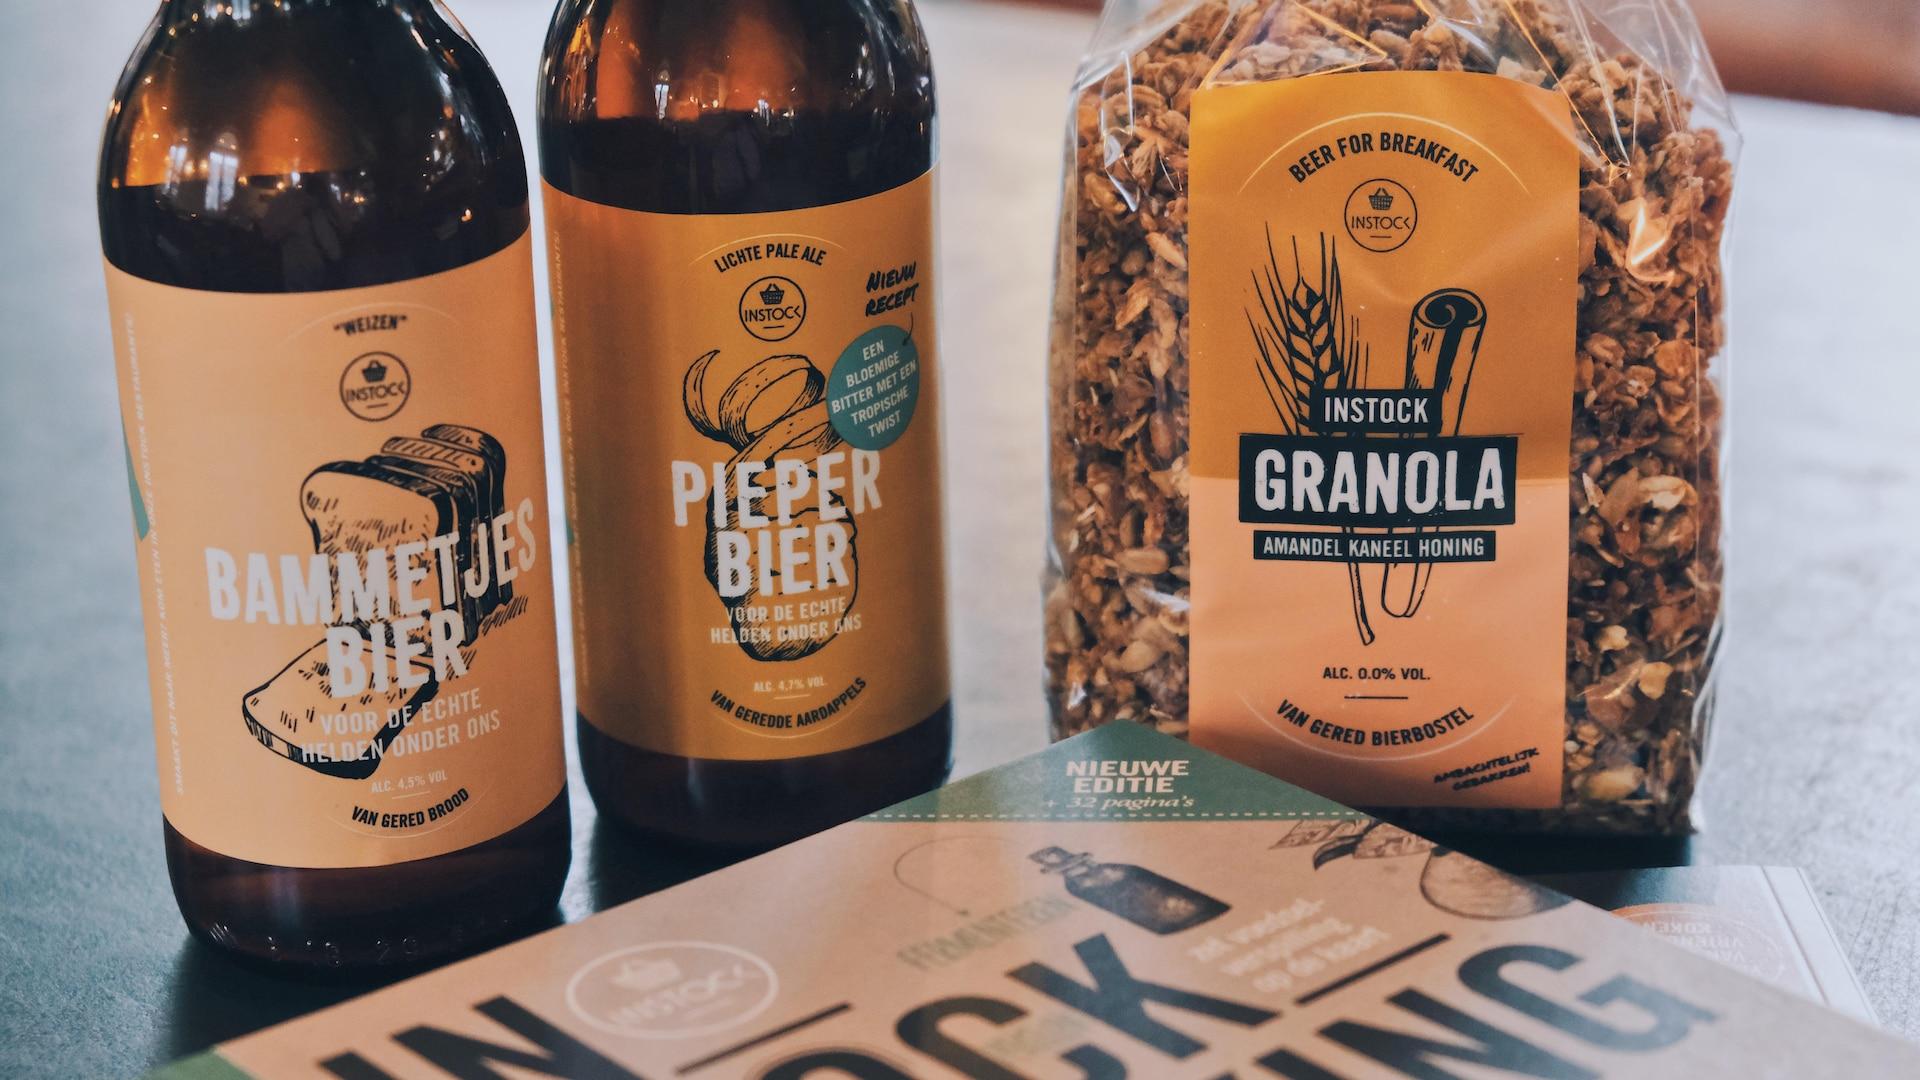 Un sac de granola et des bouteilles de bière